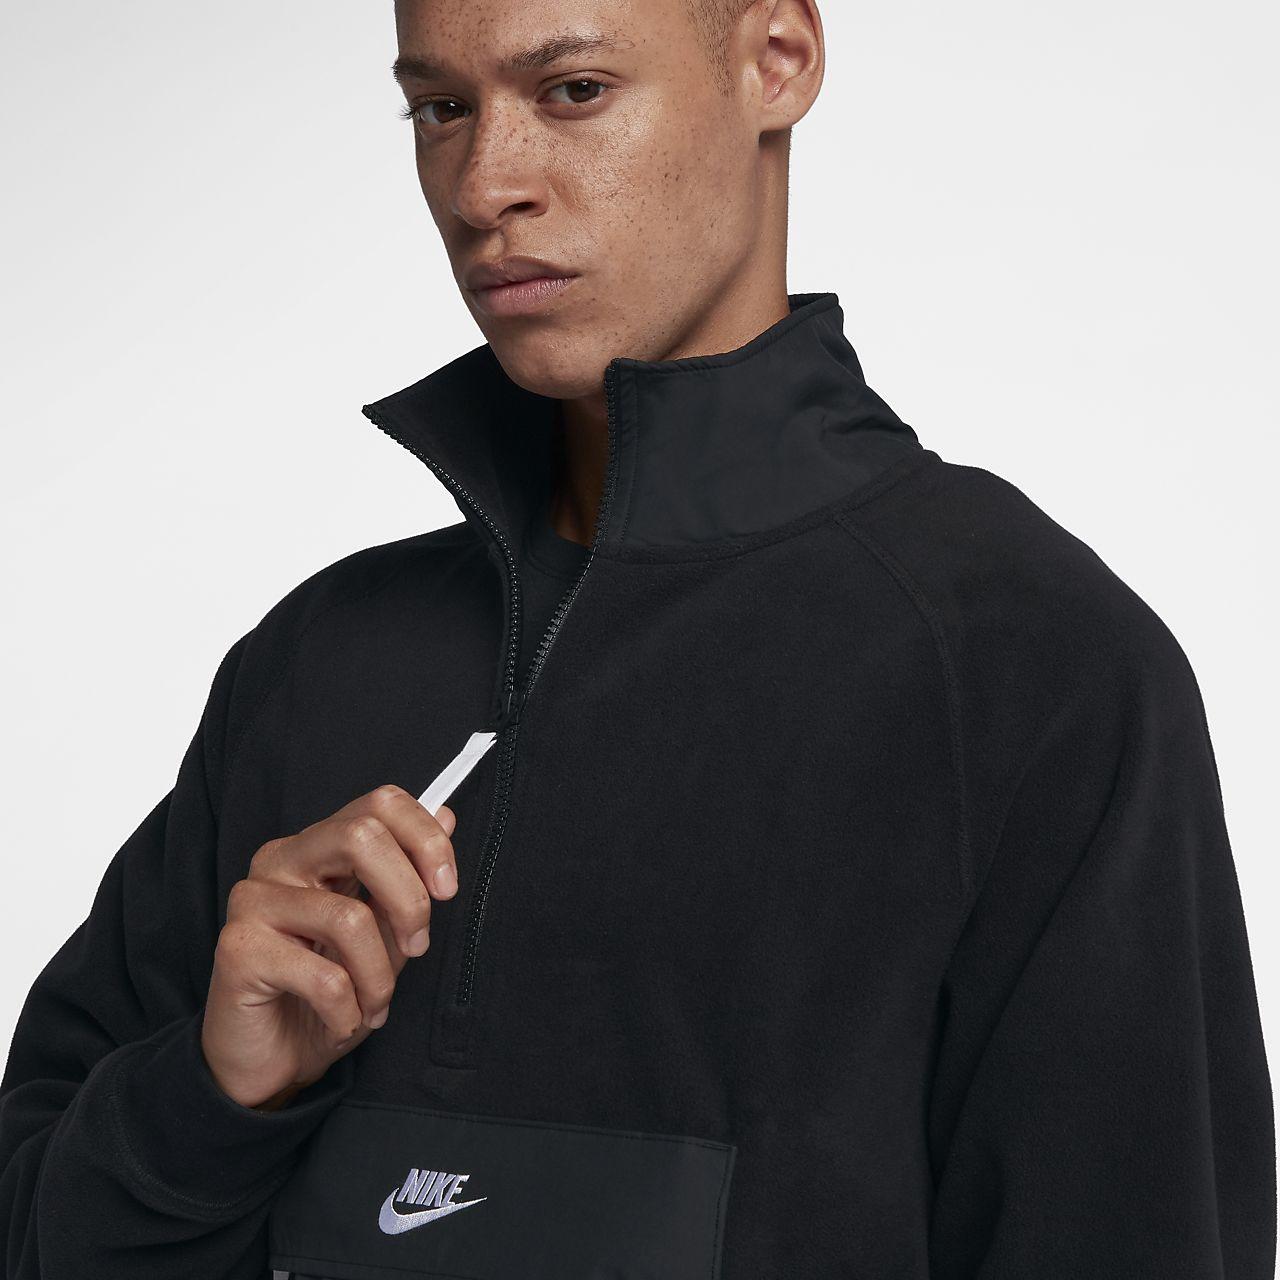 90d9288ae Nike Sportswear Men's Half-Zip Top. Nike.com NZ